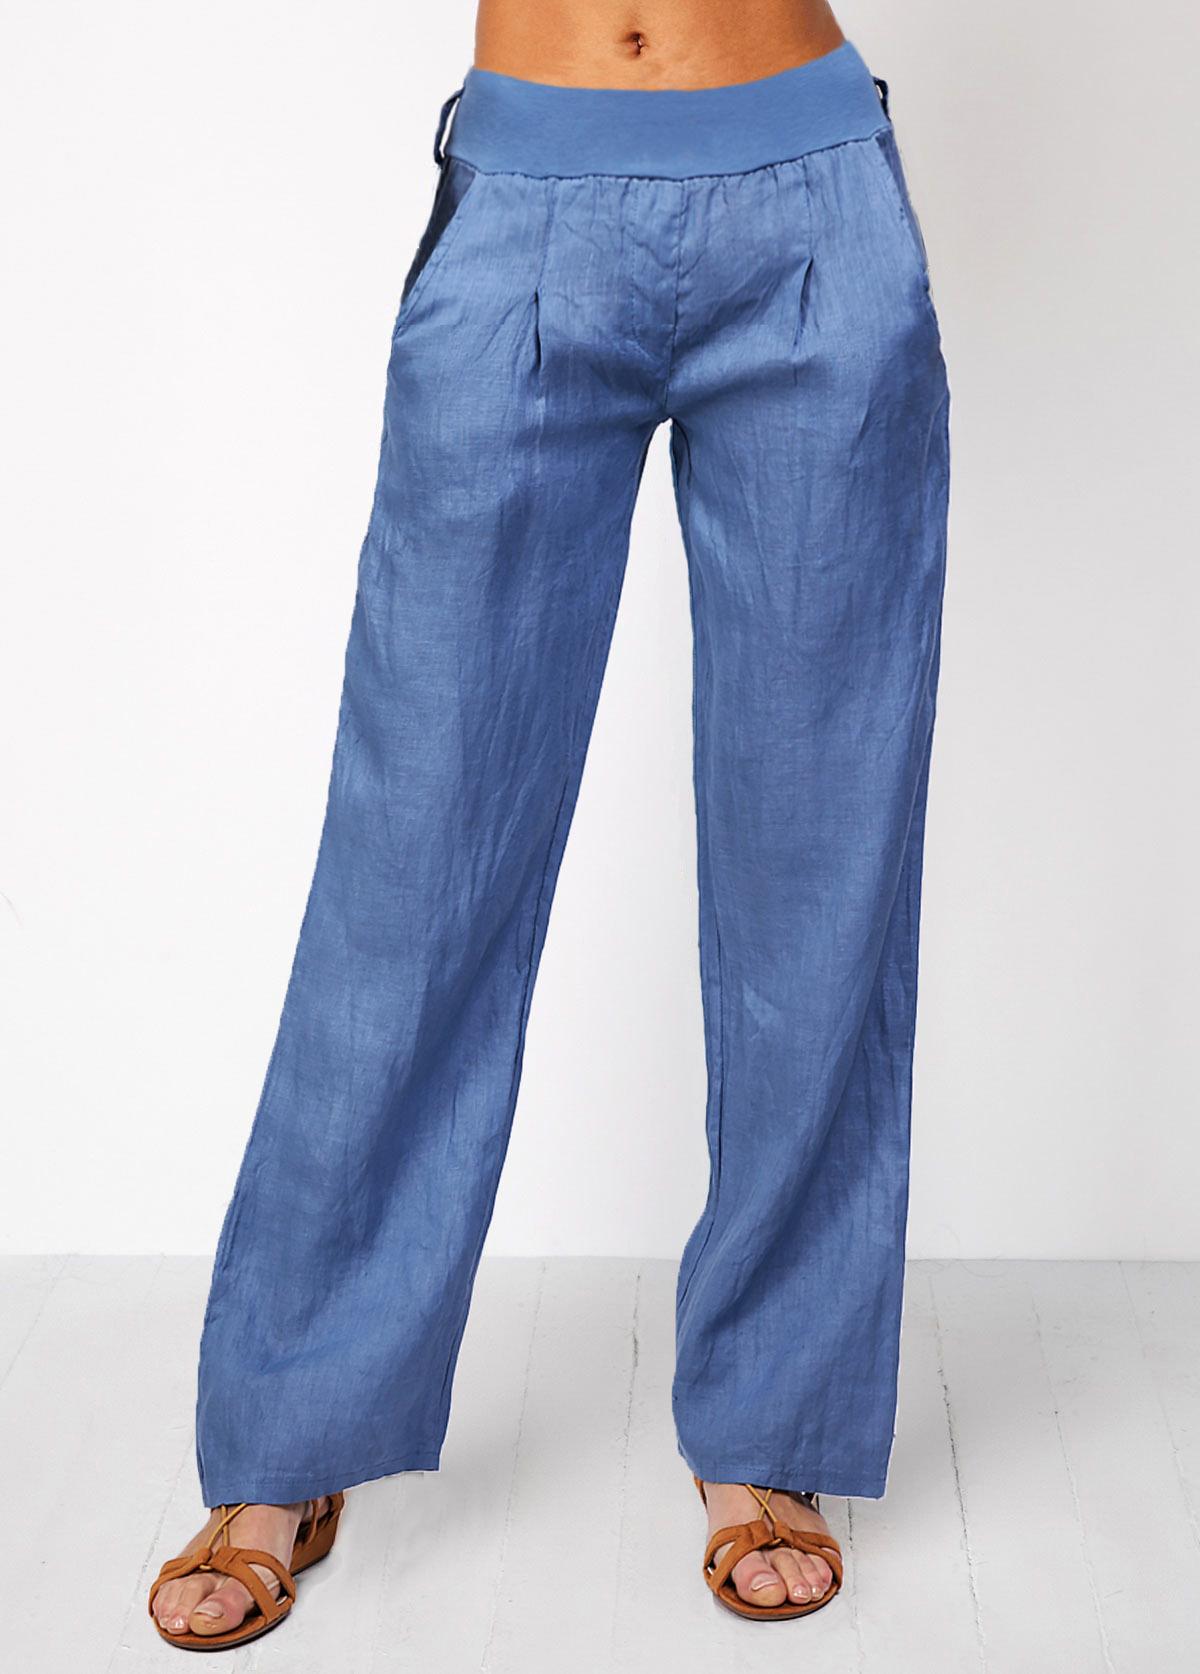 Denim Blue Wide Waistband High Waist Jeans